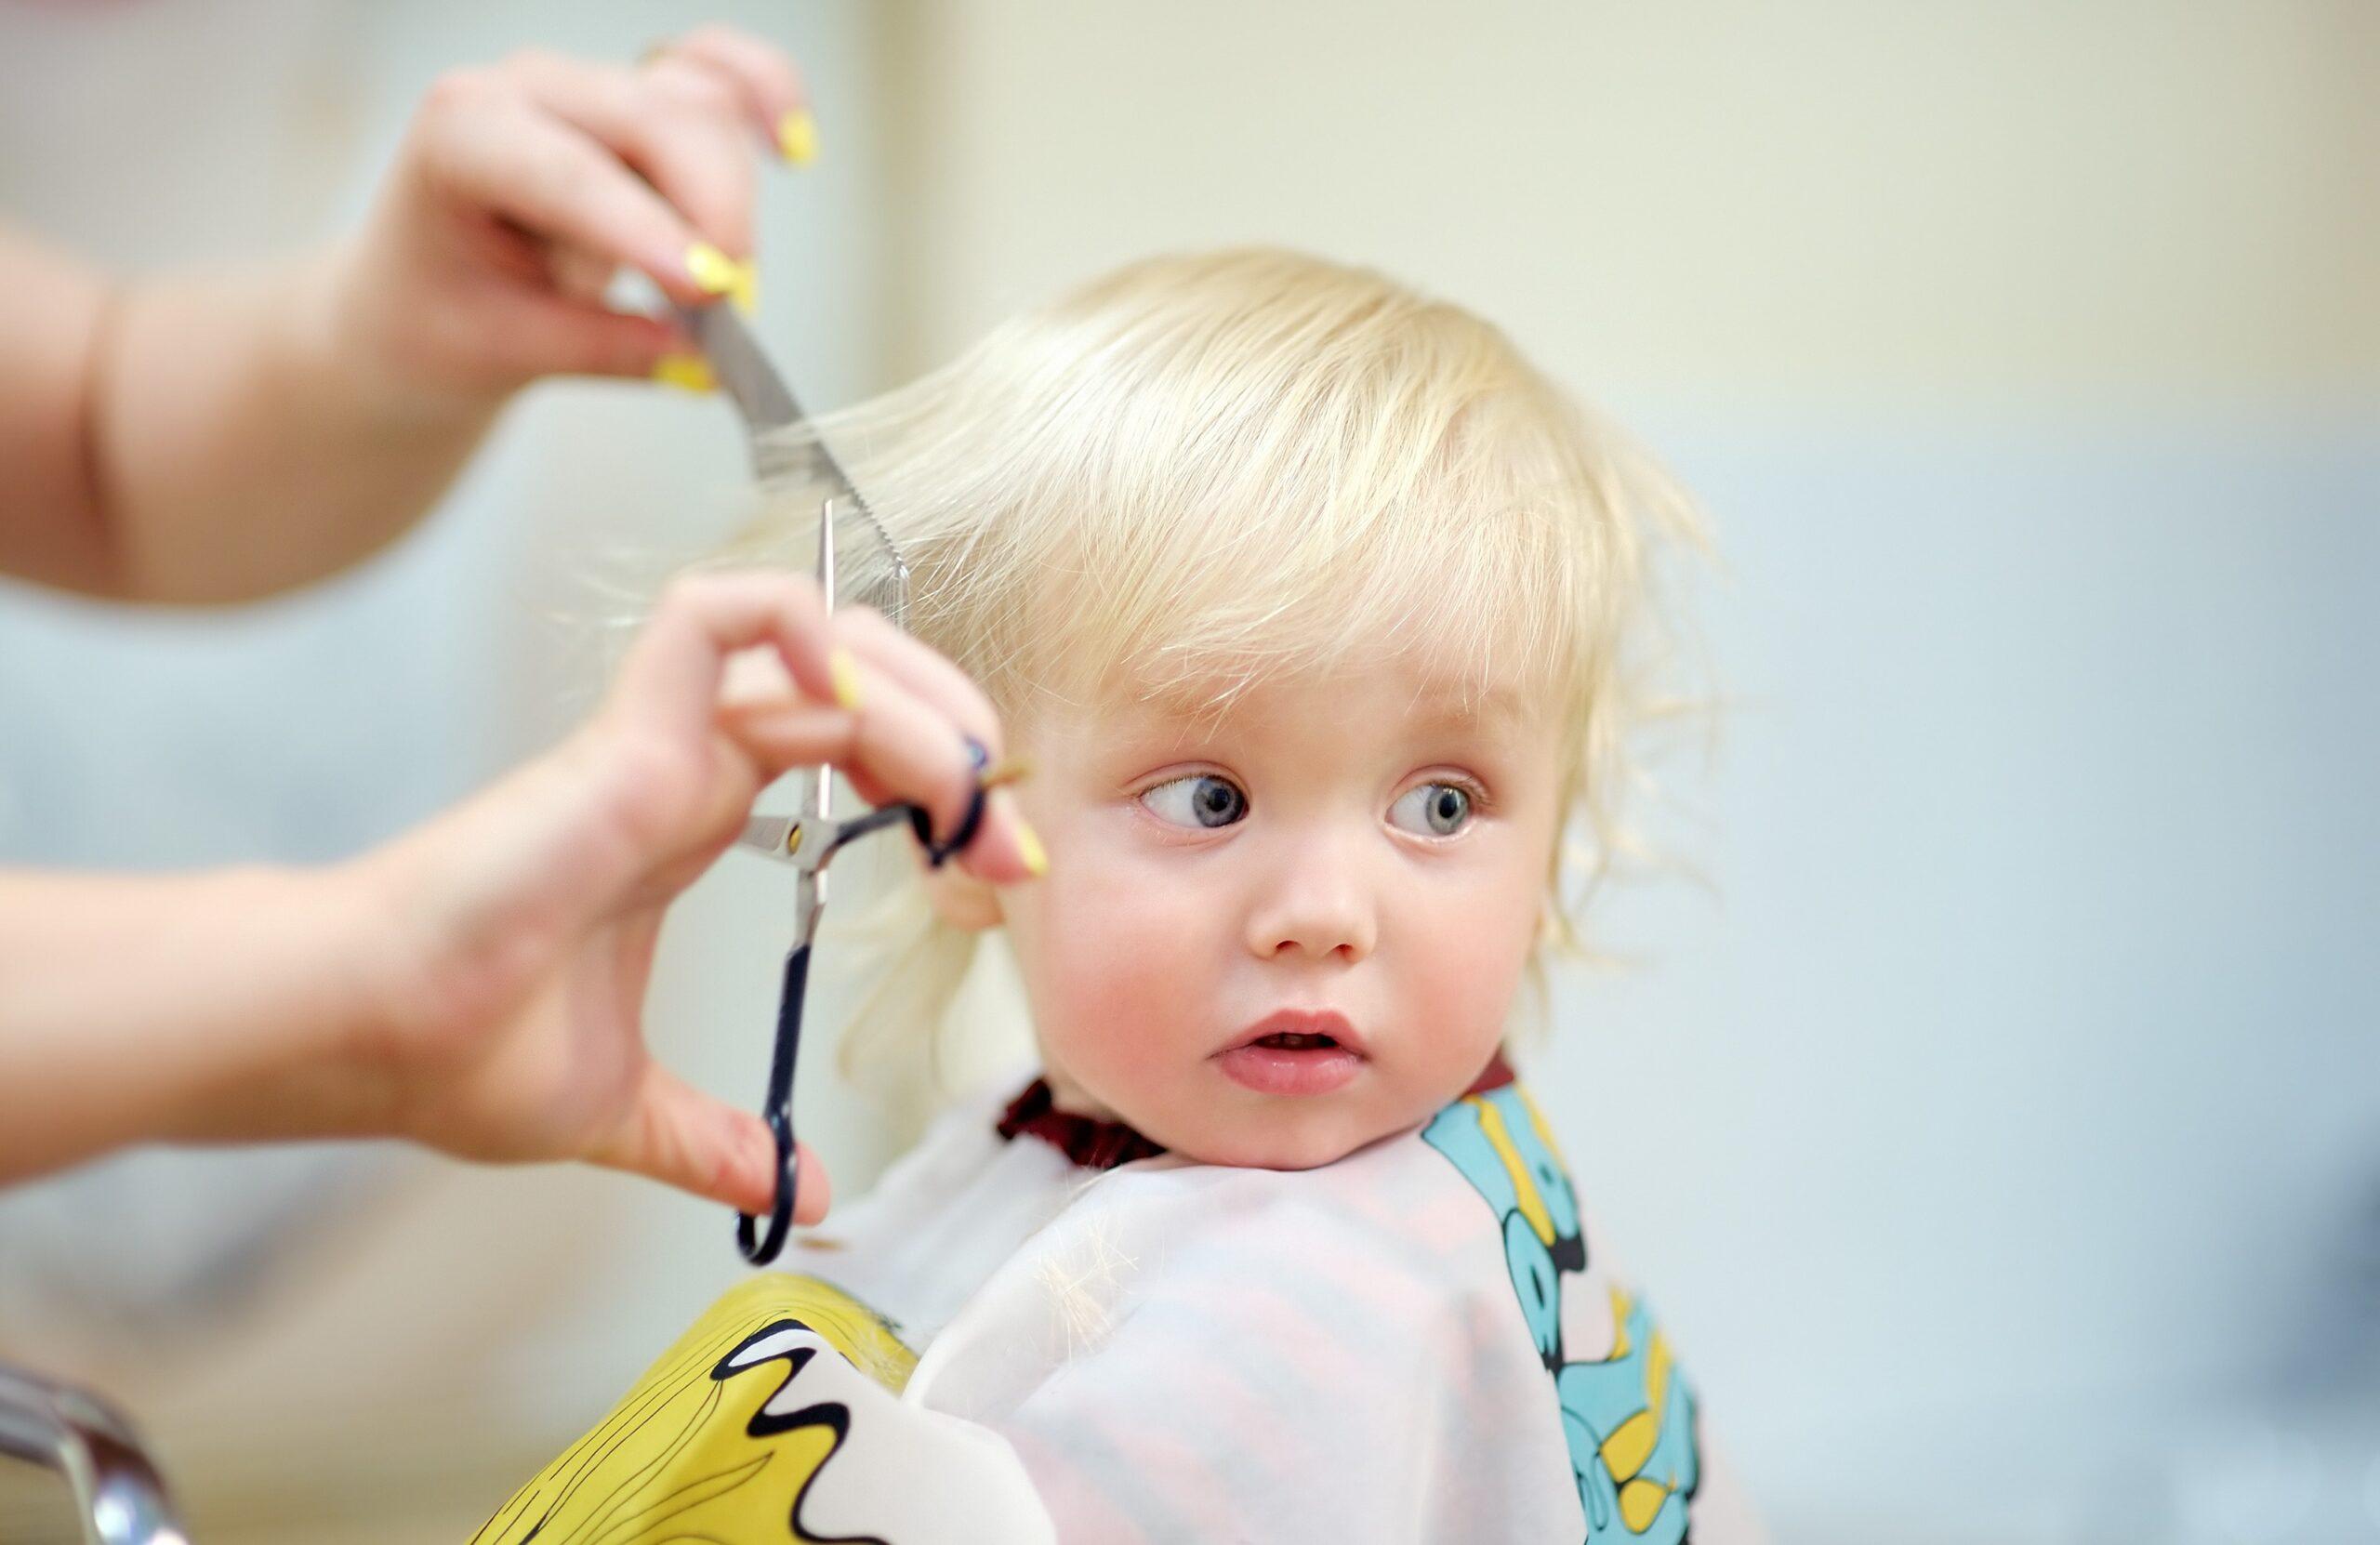 Taglio capelli bambini maschi: quelli più alla moda